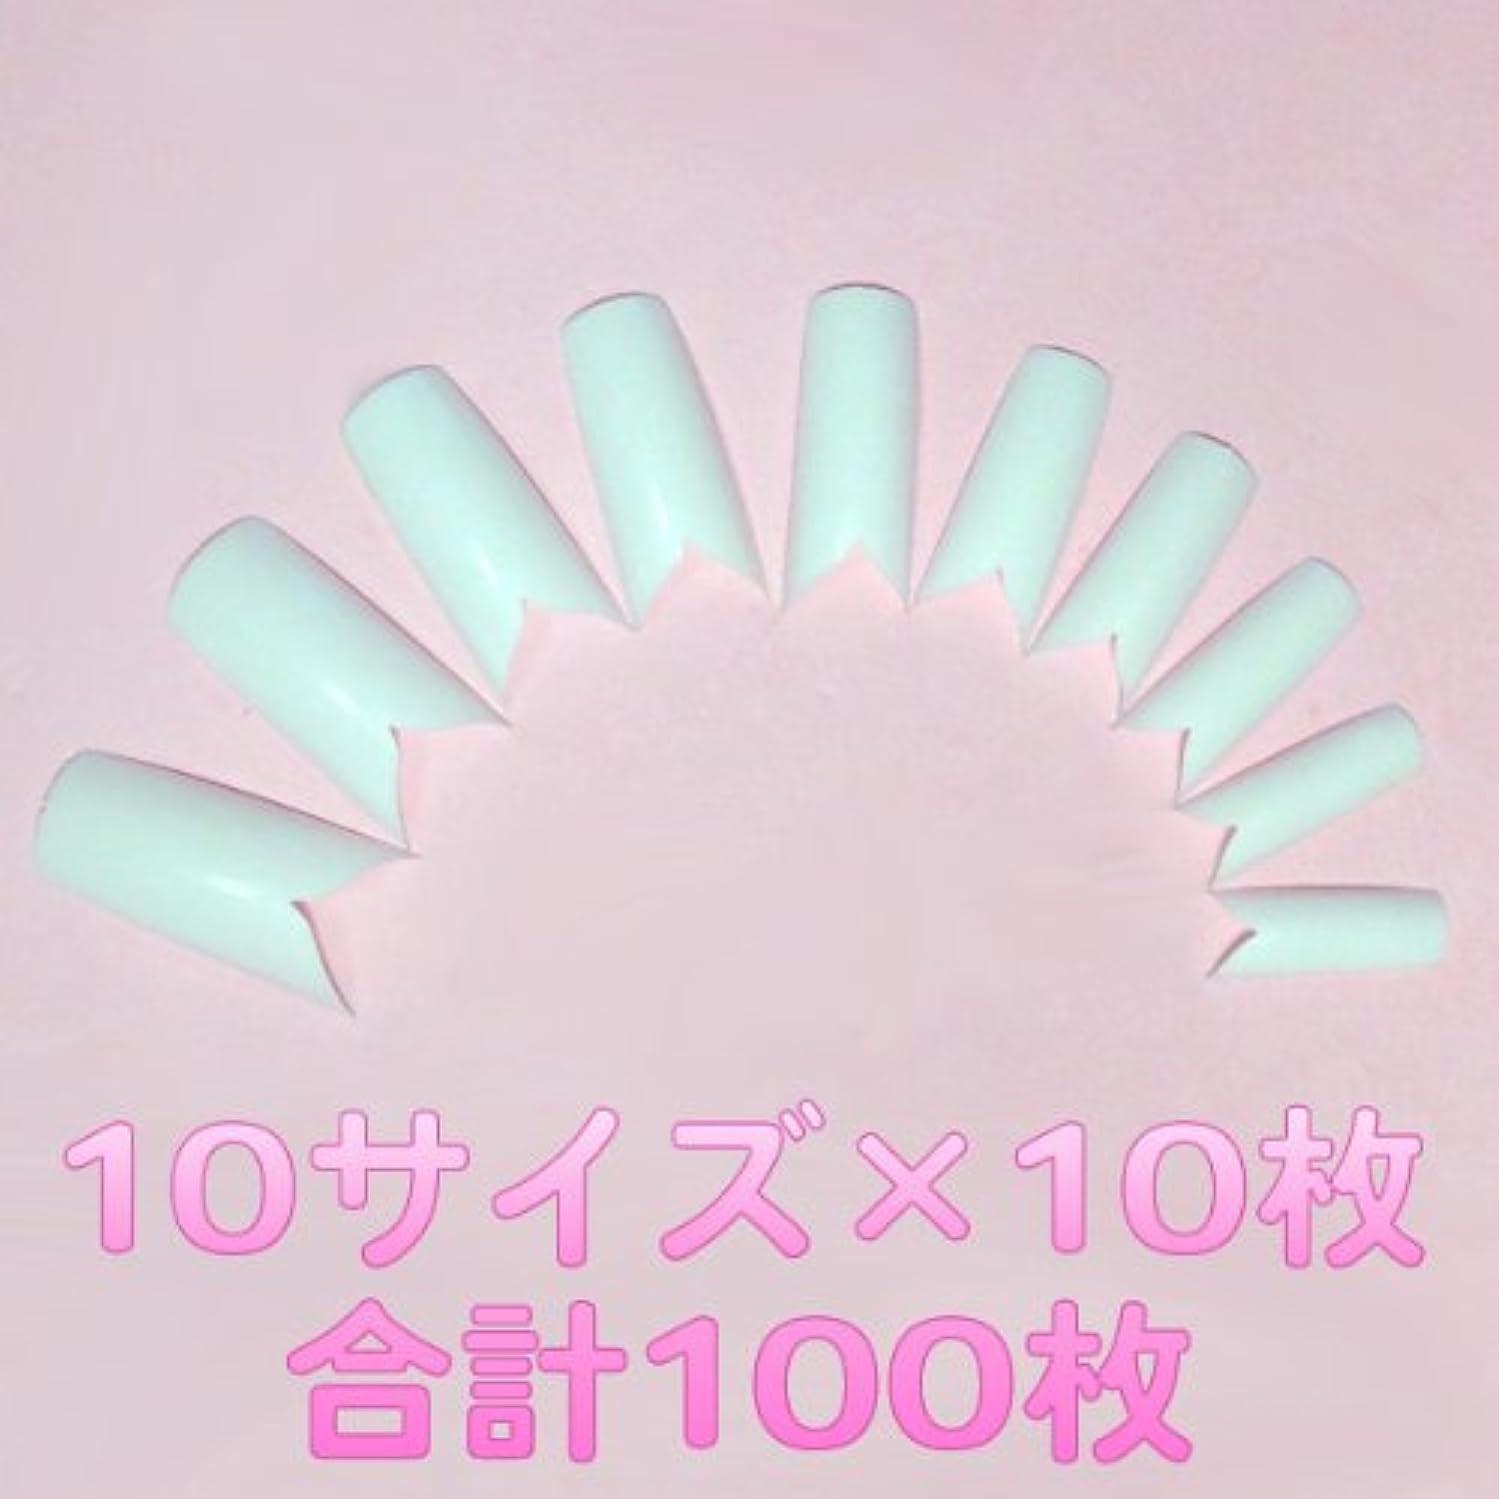 ピボット剣他の日ネイルチップ フレンチホワイト ハーフタイプ シャープなスマイルライン[#c1] つけ爪付け爪